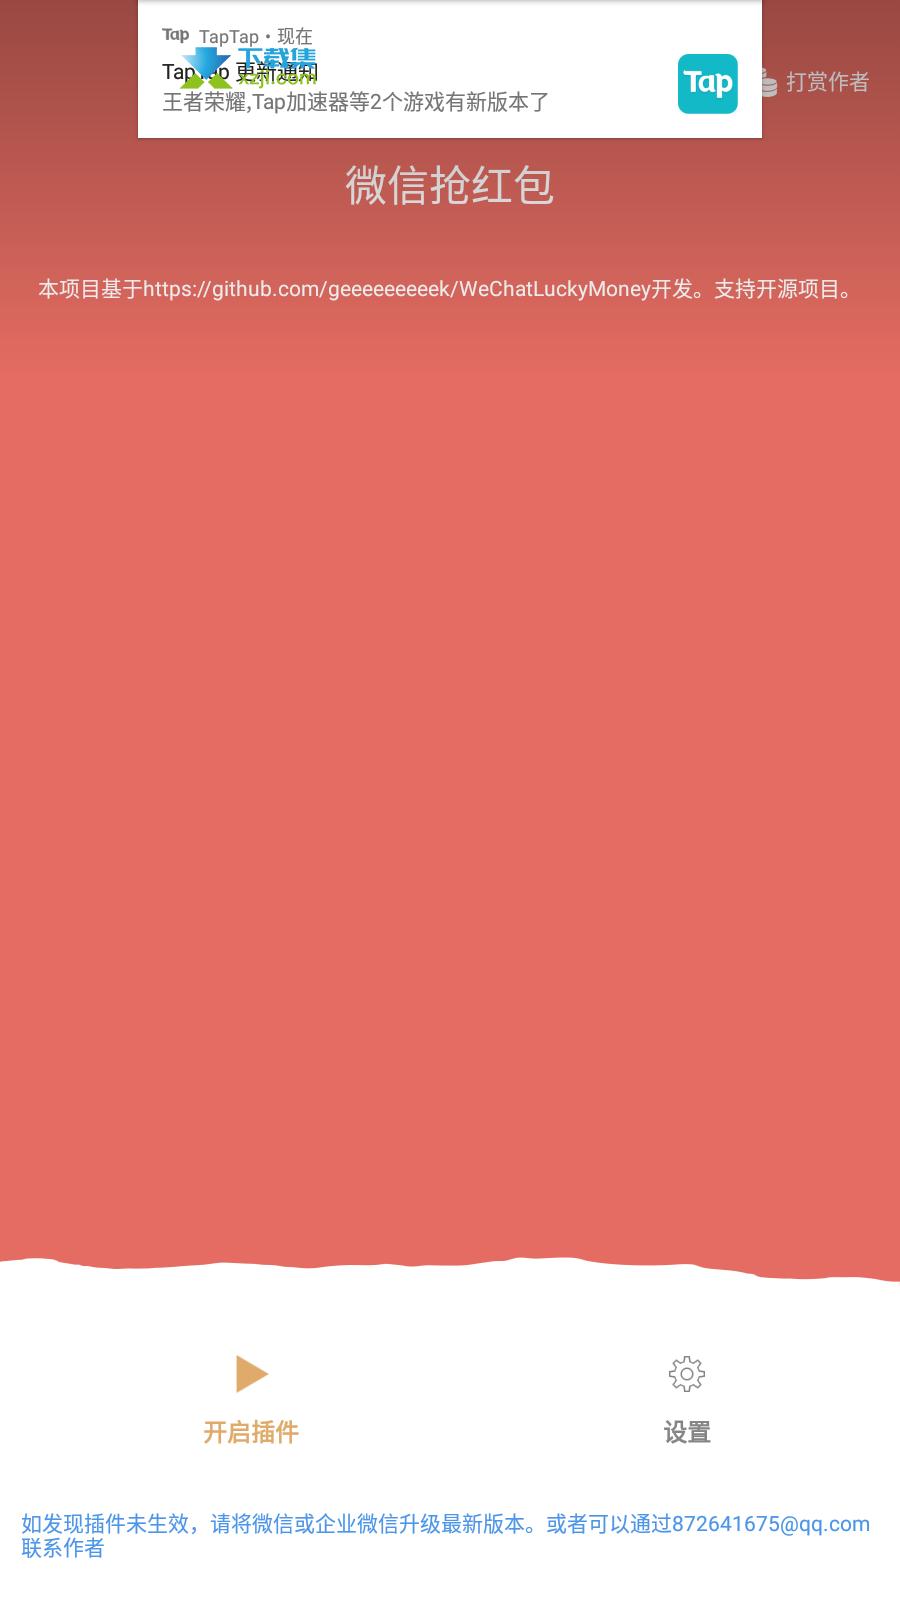 微信抢红包软件界面